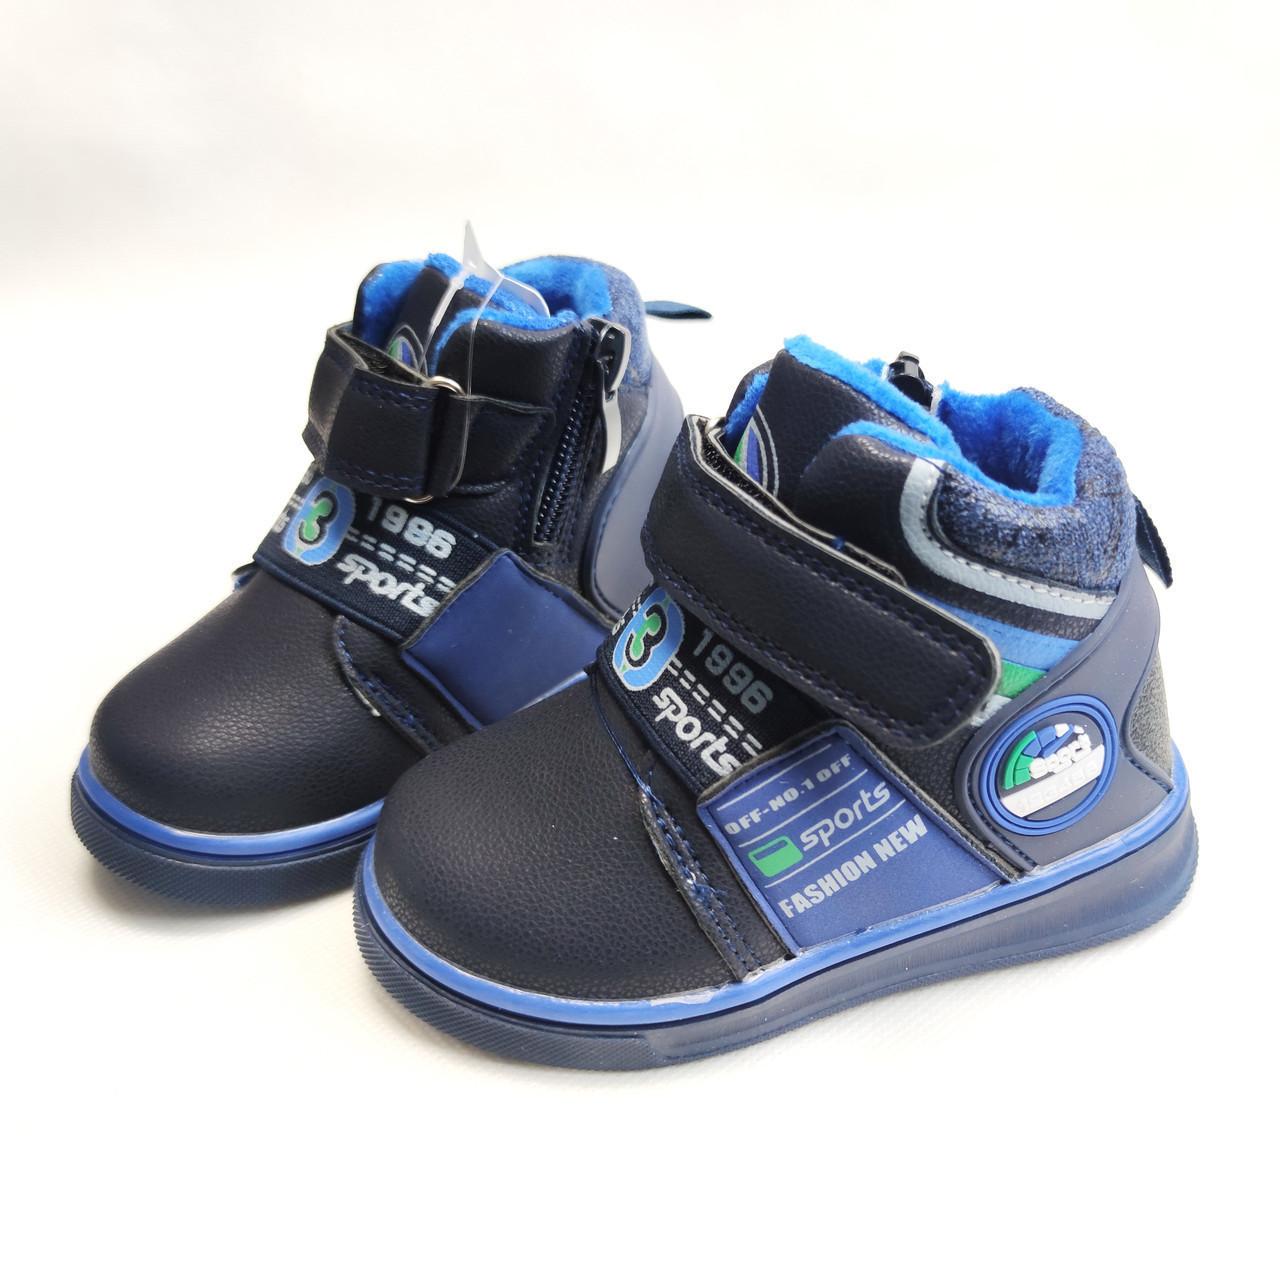 Детские демисезонные ботинки для мальчика синие BBT 27р 16,5см